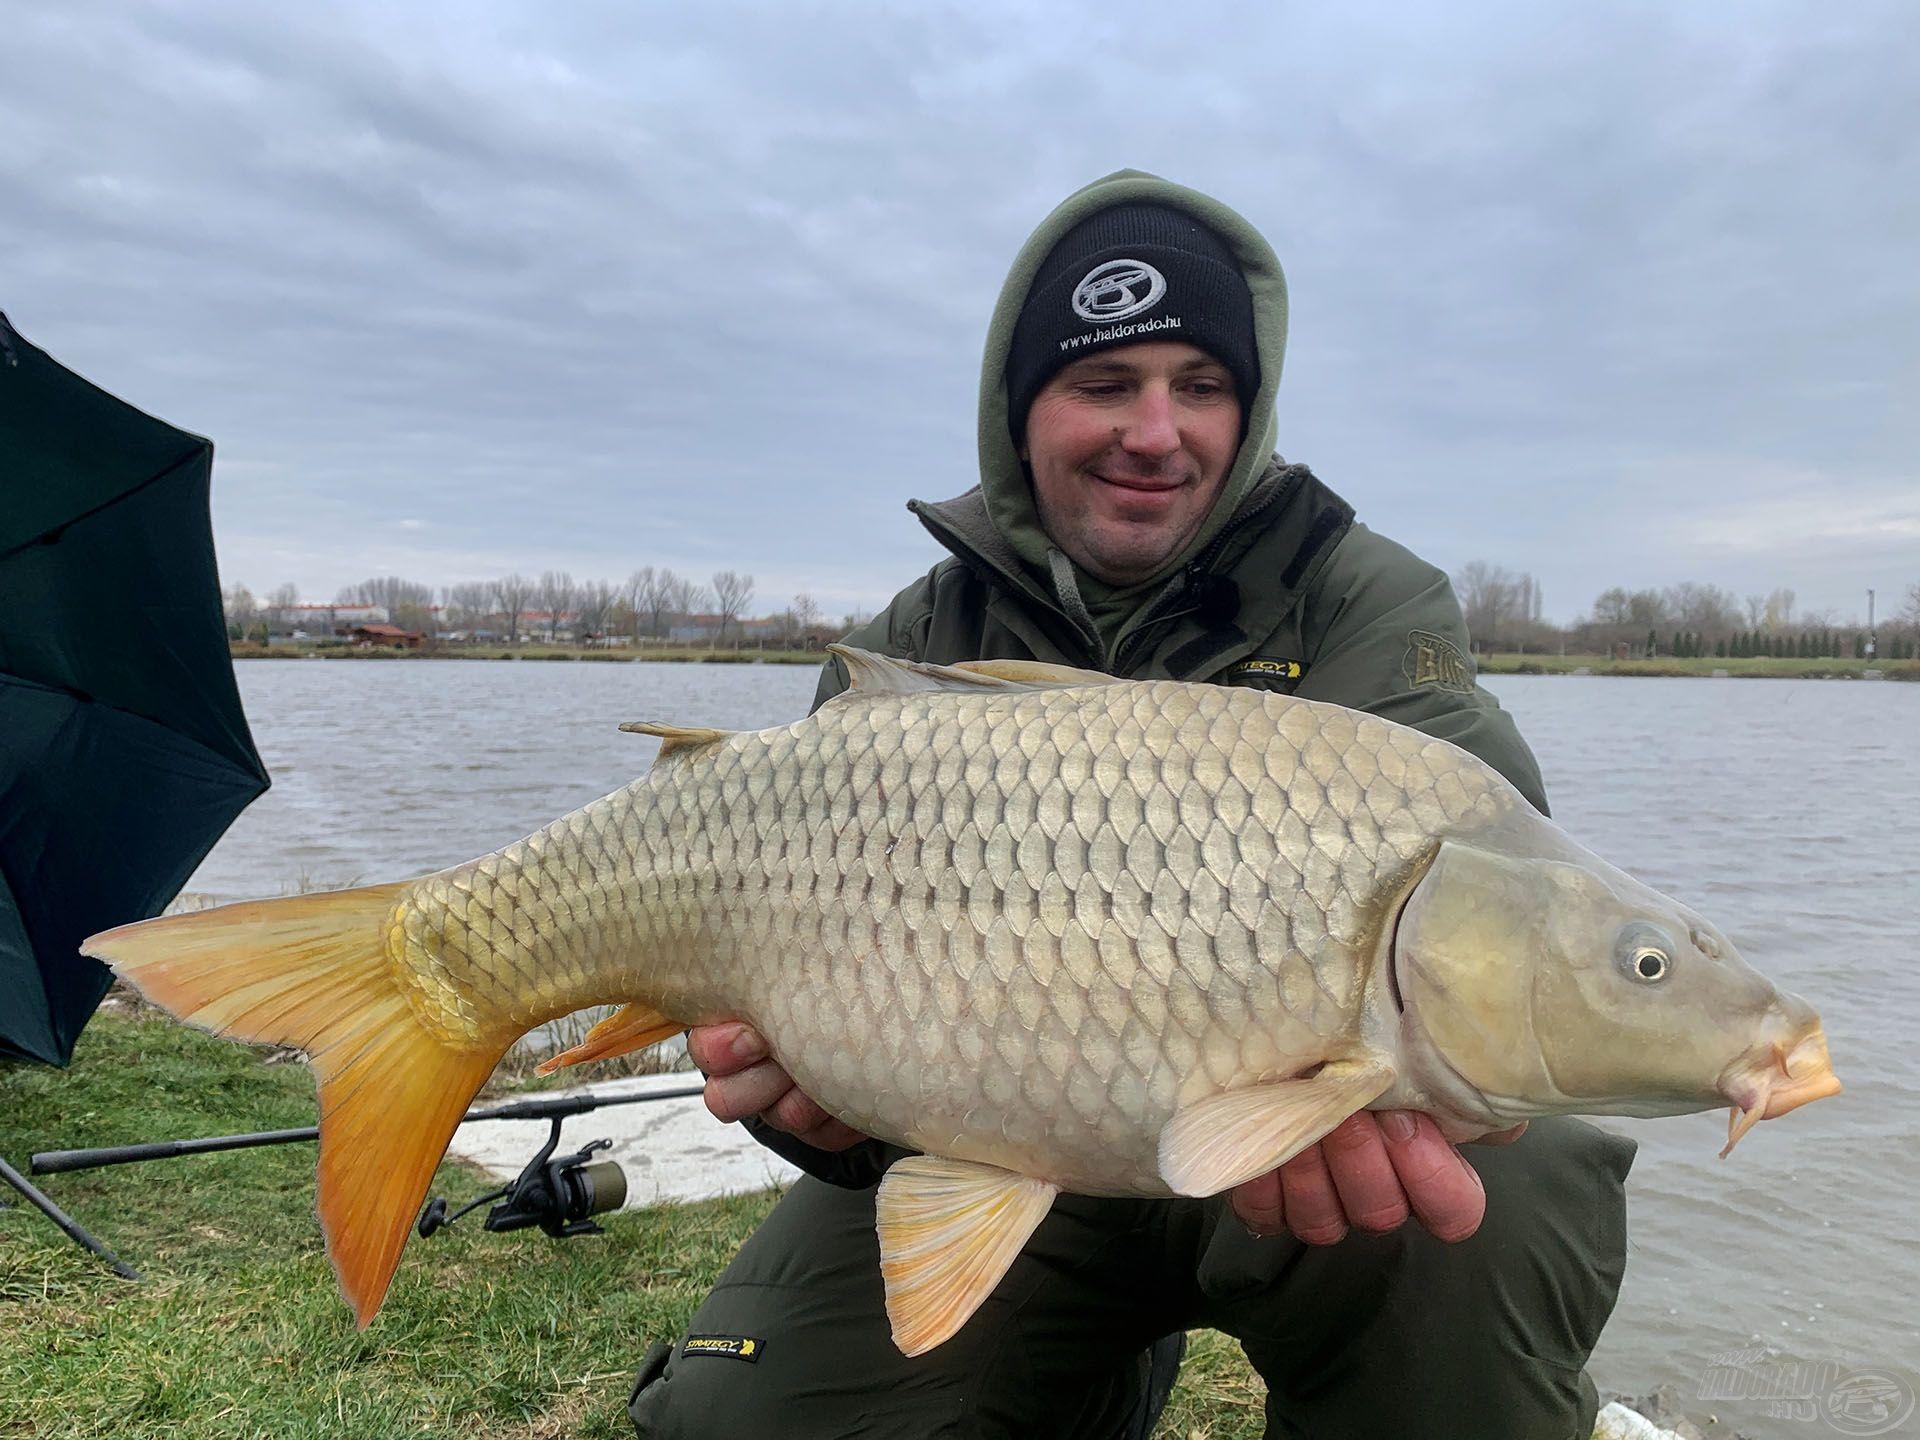 … még a hideg vízben is termetesebb halakat fogott